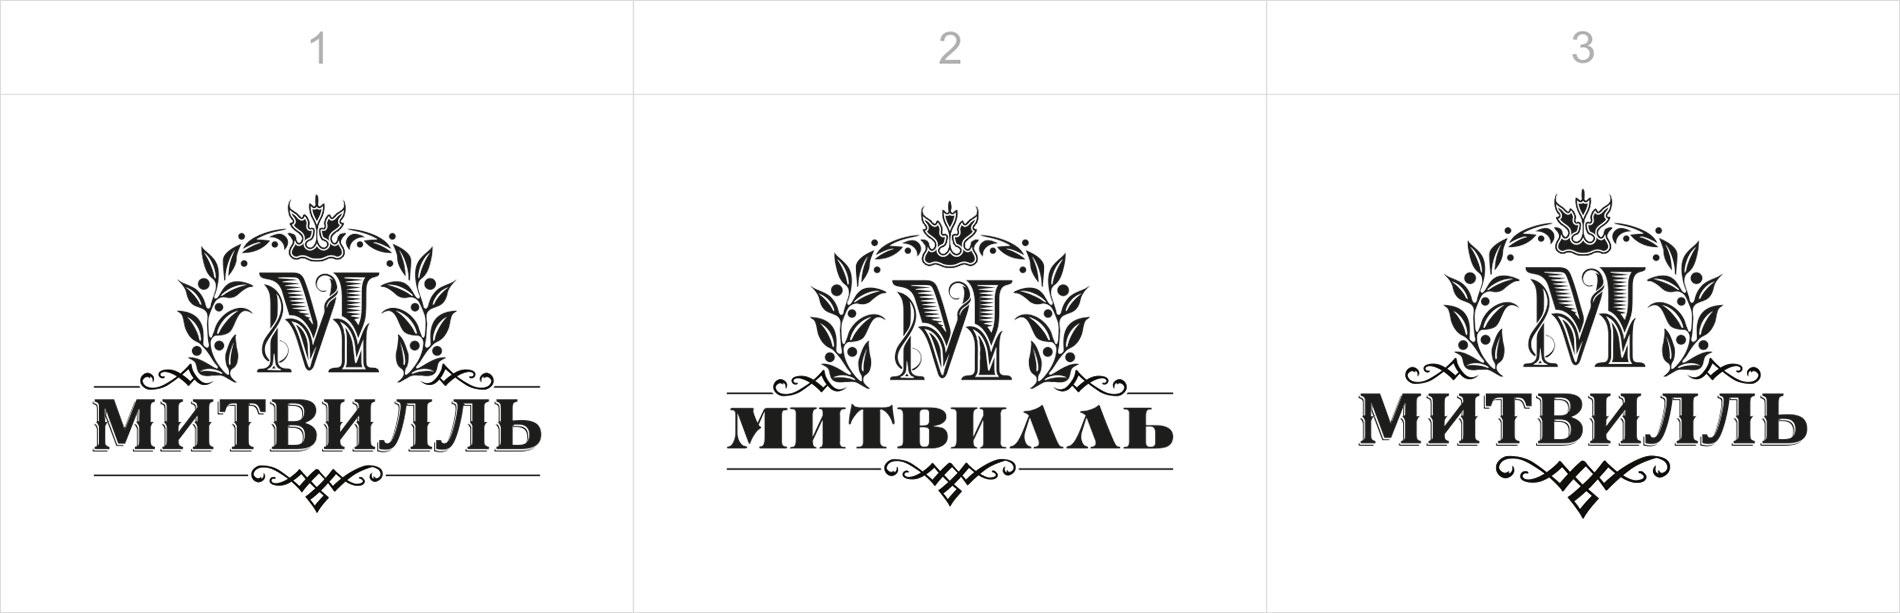 Наброски Митвилль